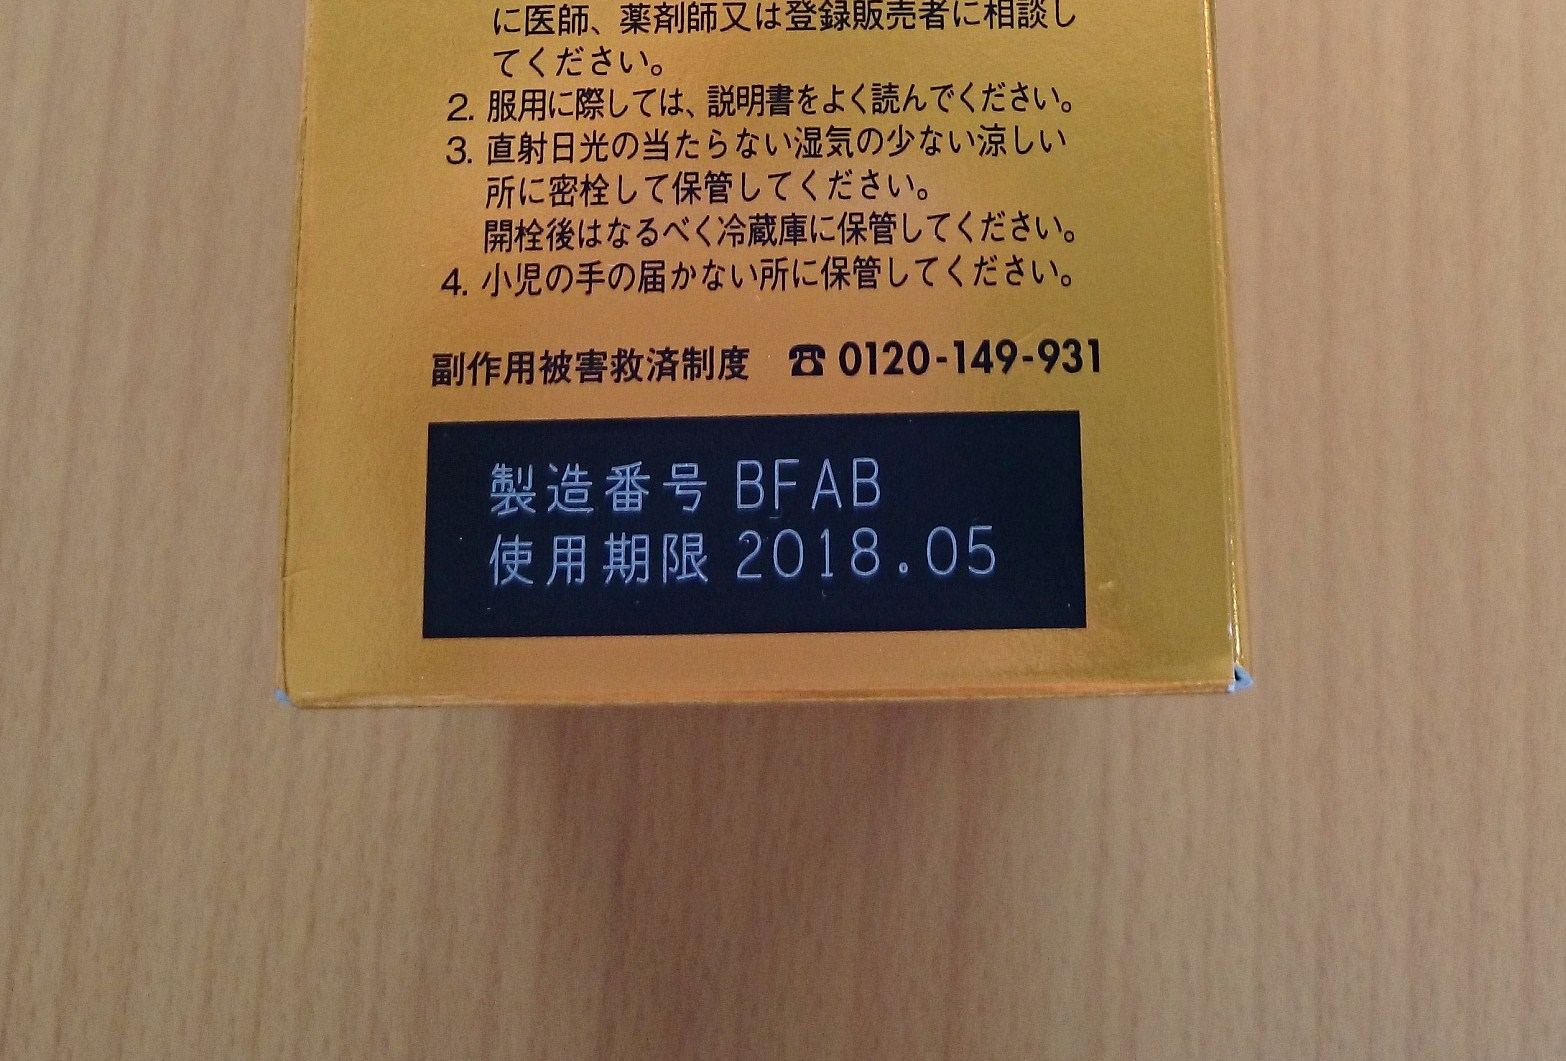 婦宝交換BFAB